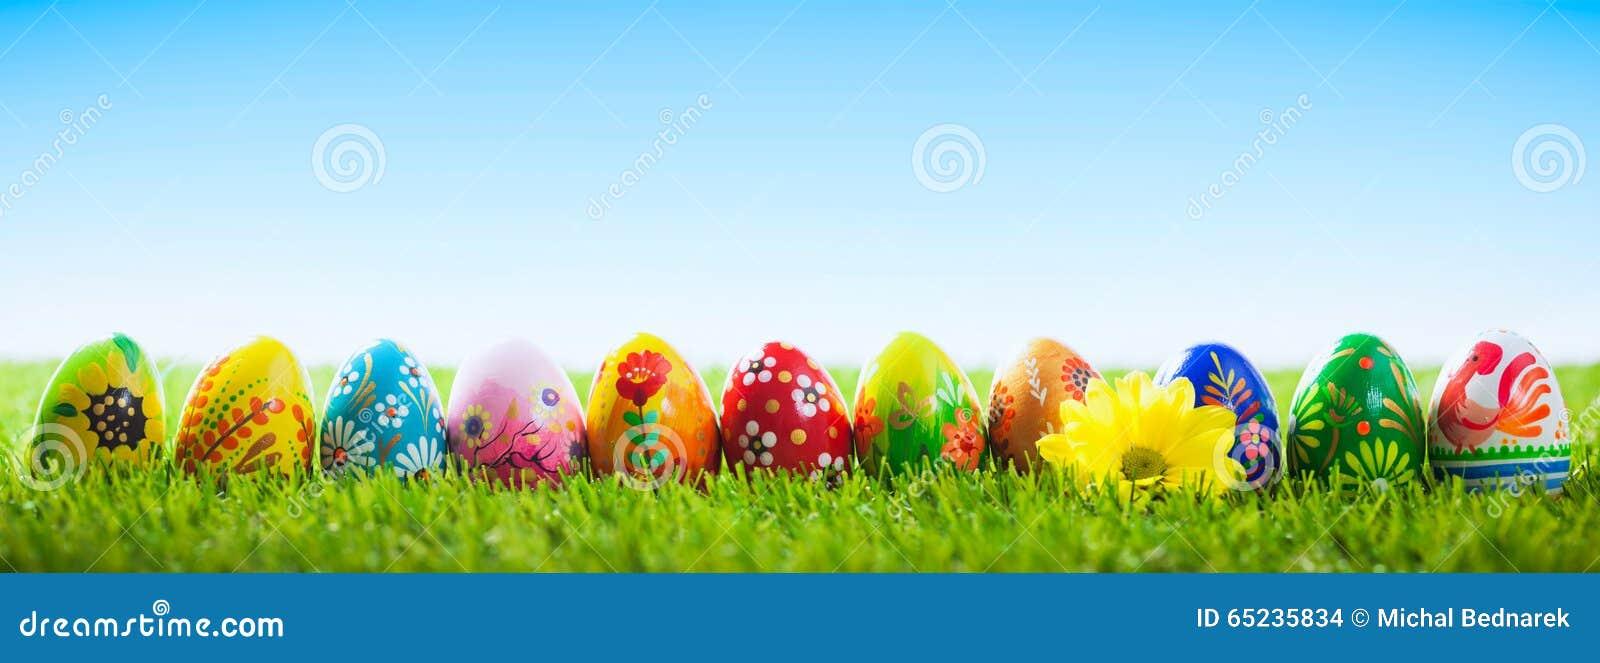 Bunte handgemalte Ostereier auf Gras Fahne, panoramisch